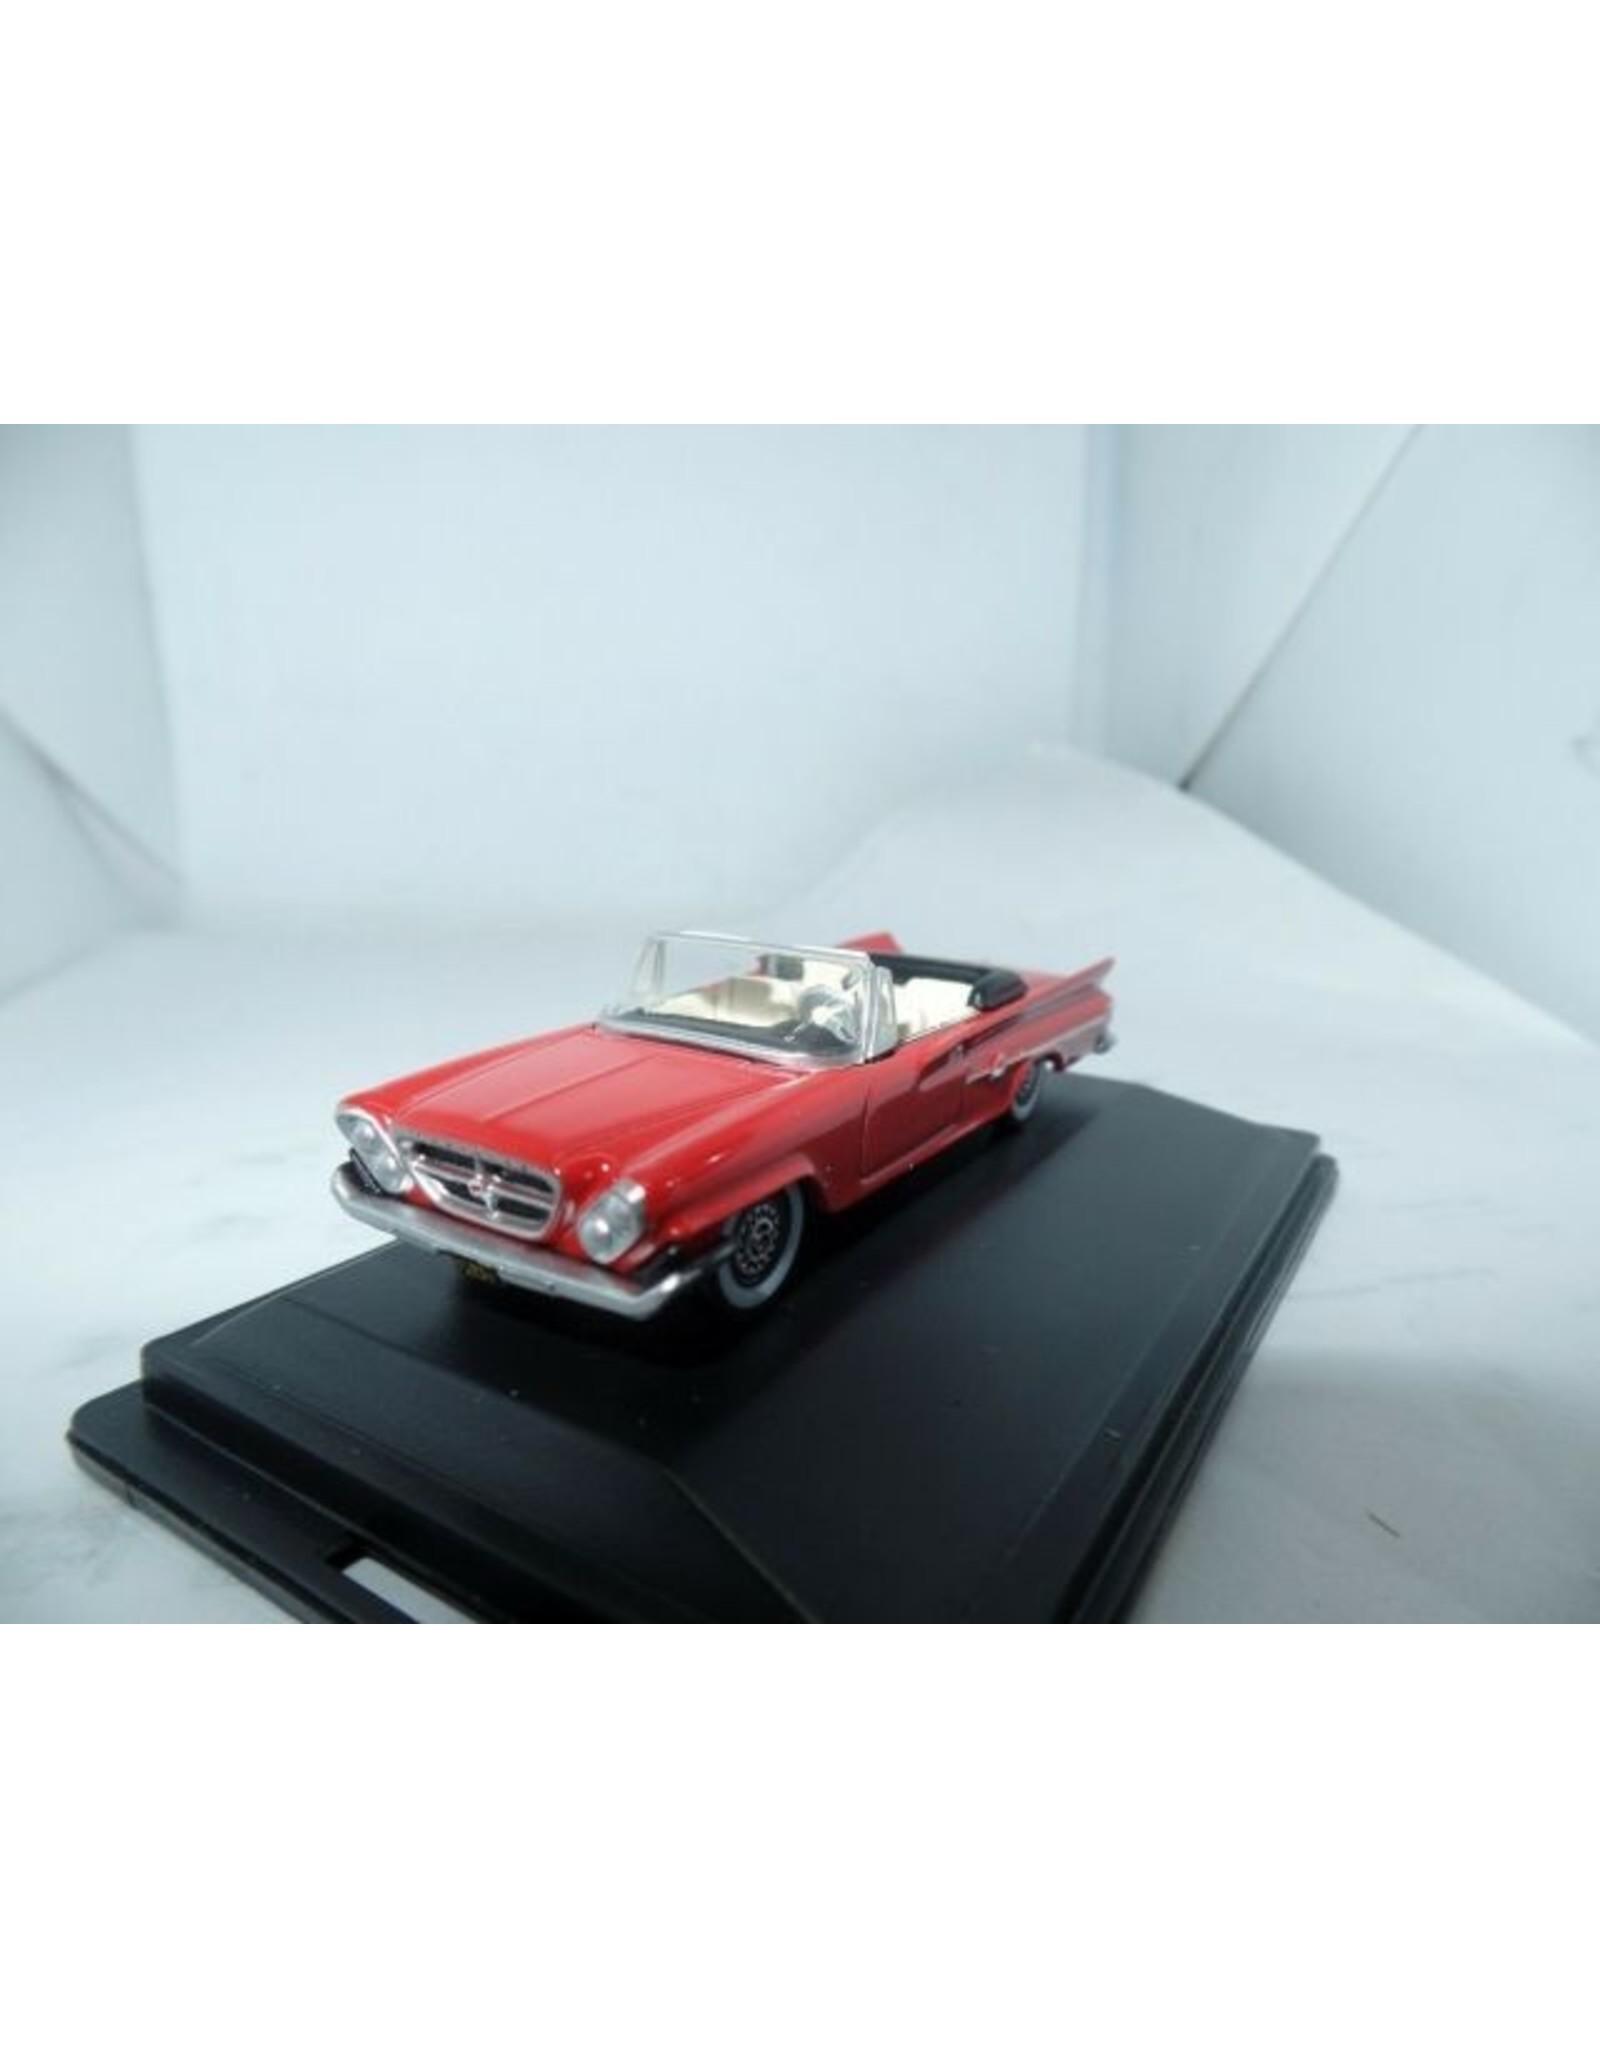 Chrysler CHRYSLER 300 CONVERTIBLE(red)